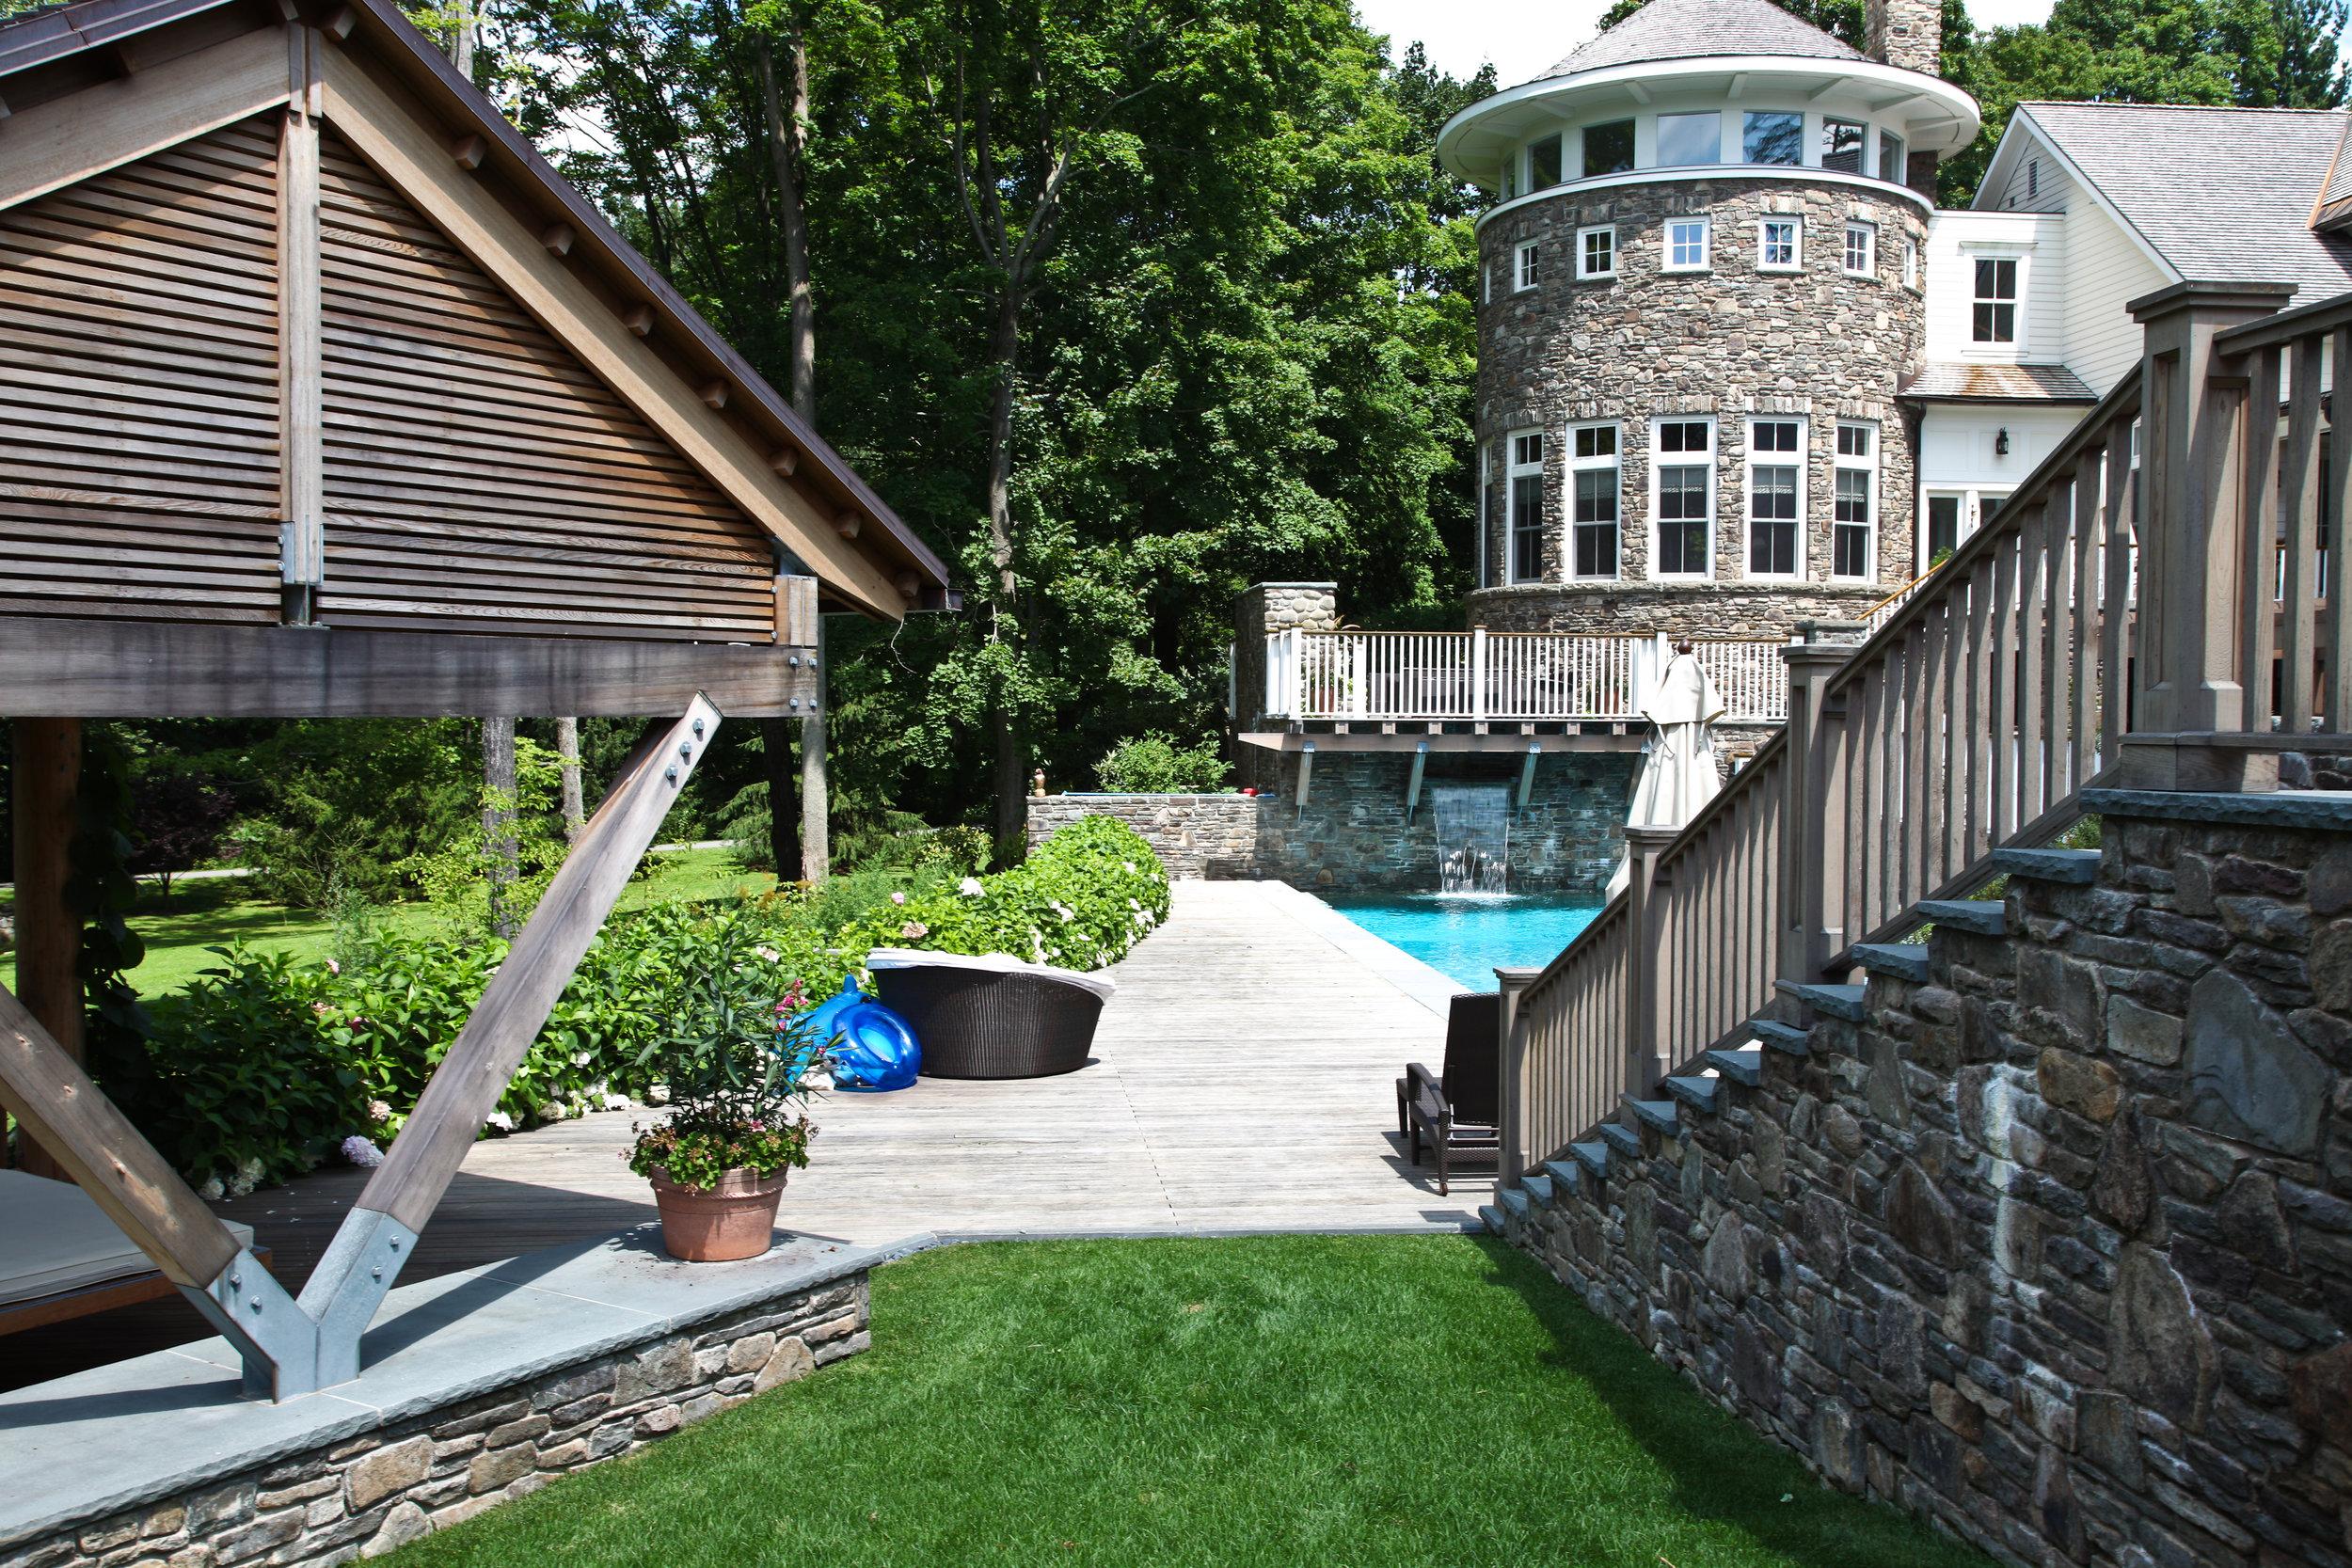 stone staircase gazebo pool luxury home